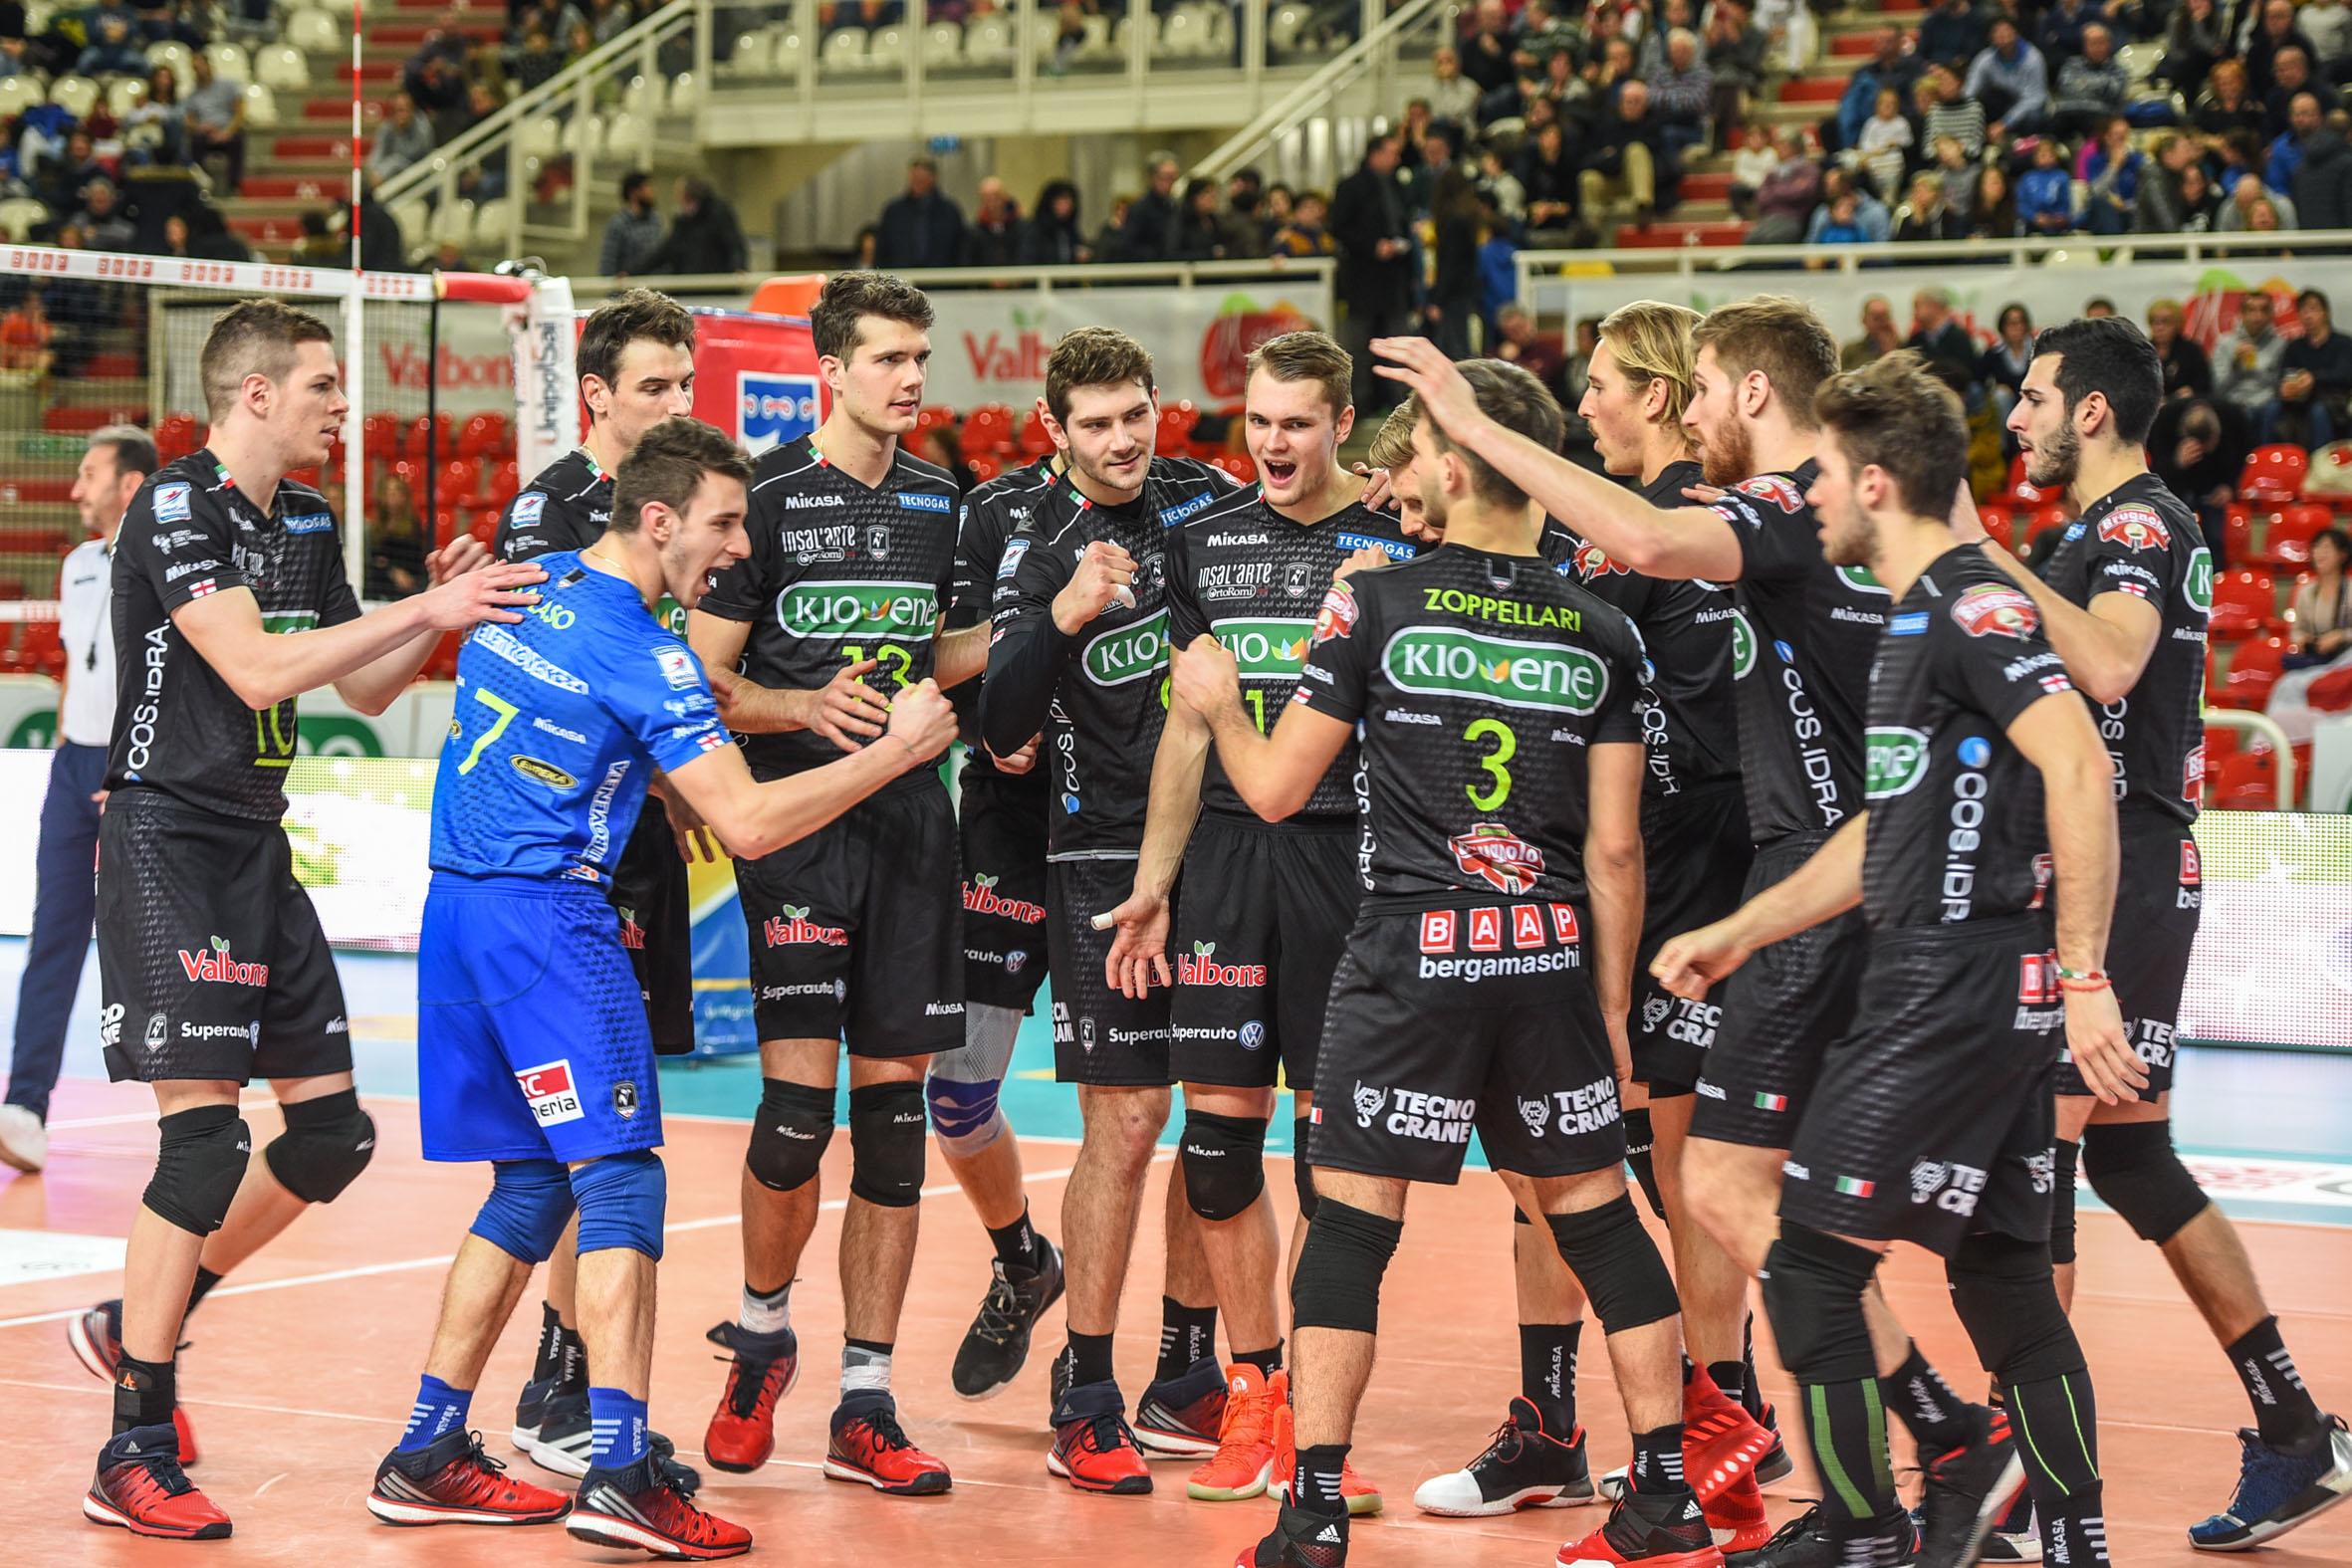 la squadra festeggia dopo la gara vinta - Eureka sponsor Pallavolo Padova